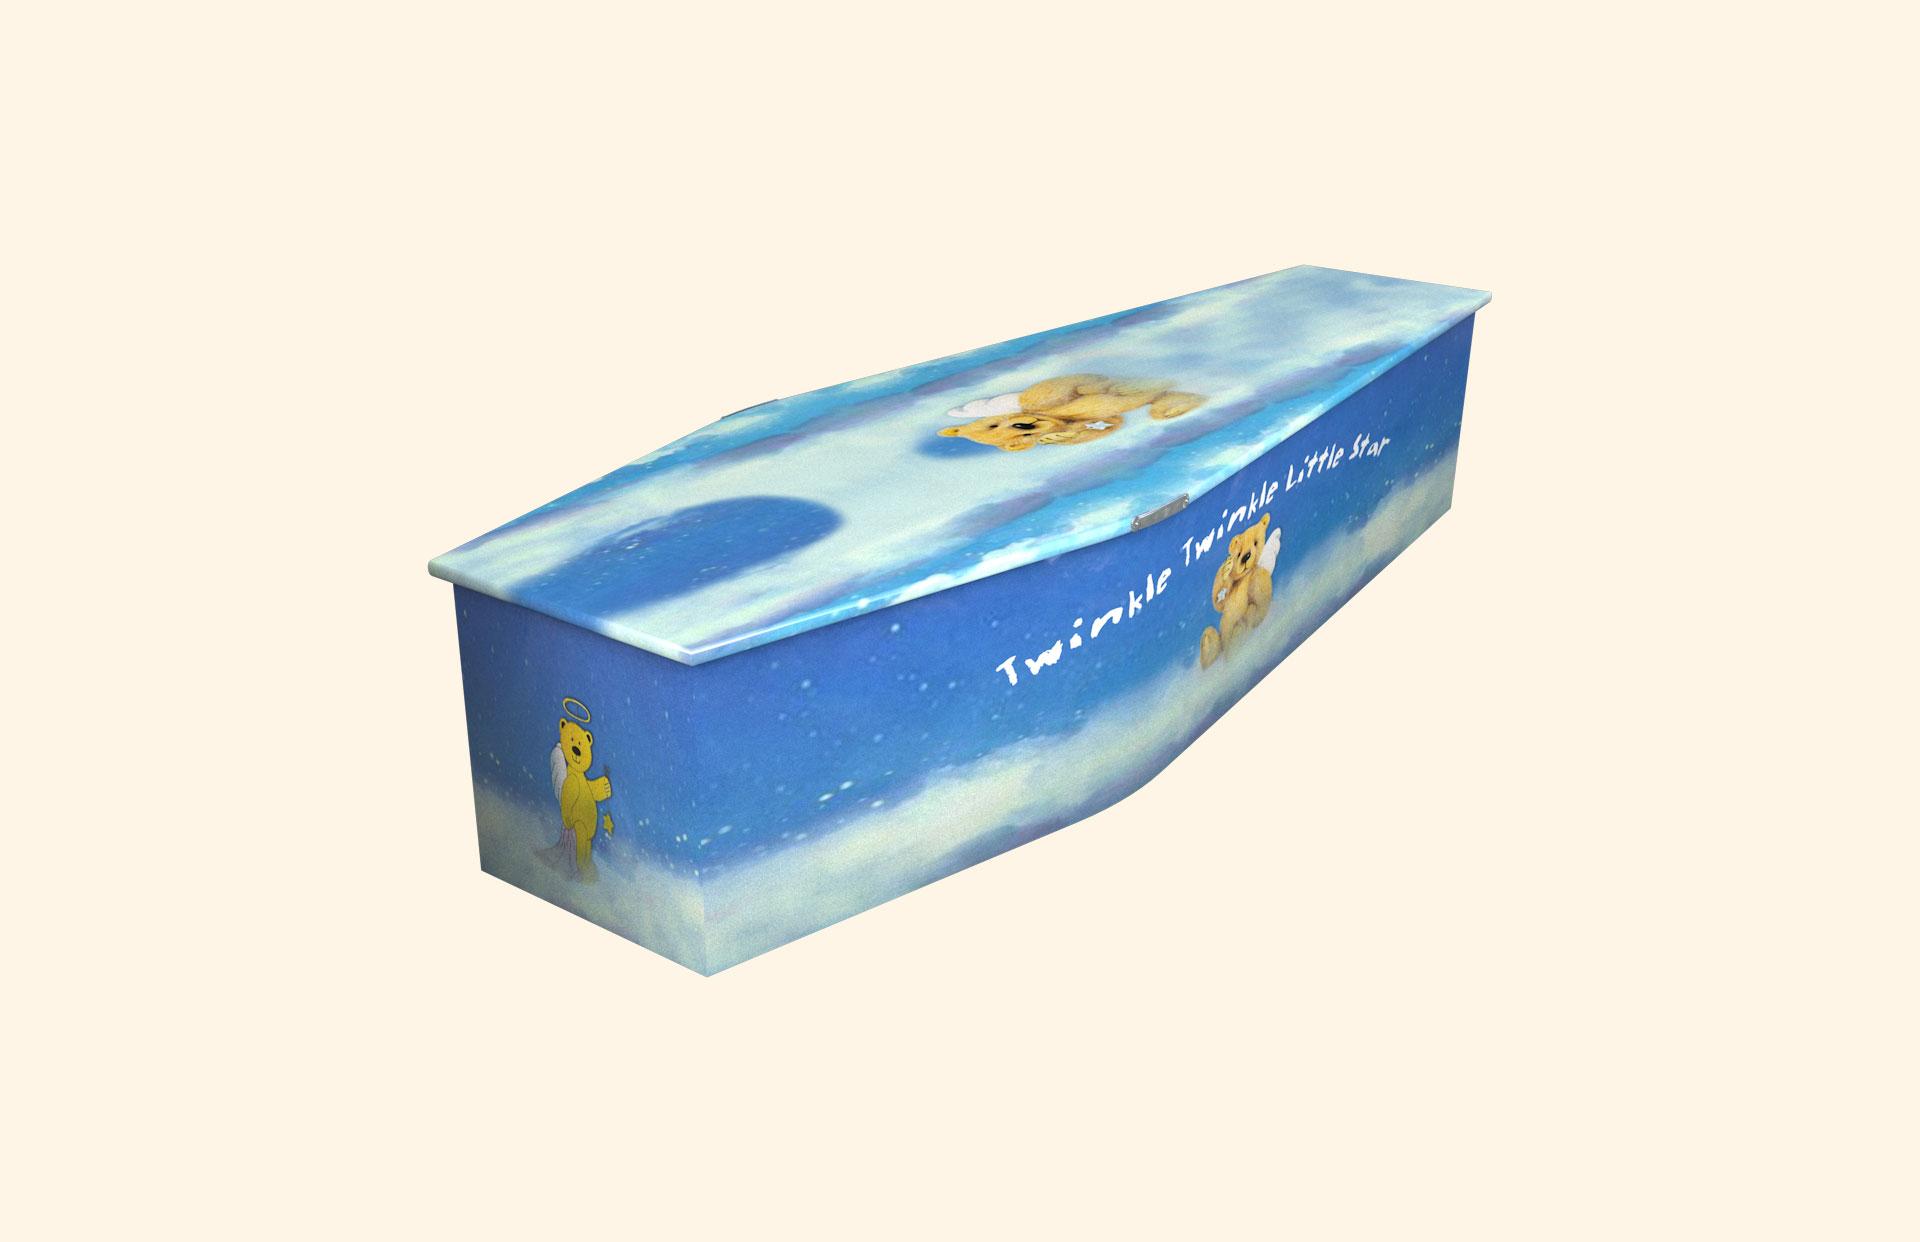 Twinkle Twinkle Little Star Blue child coffin